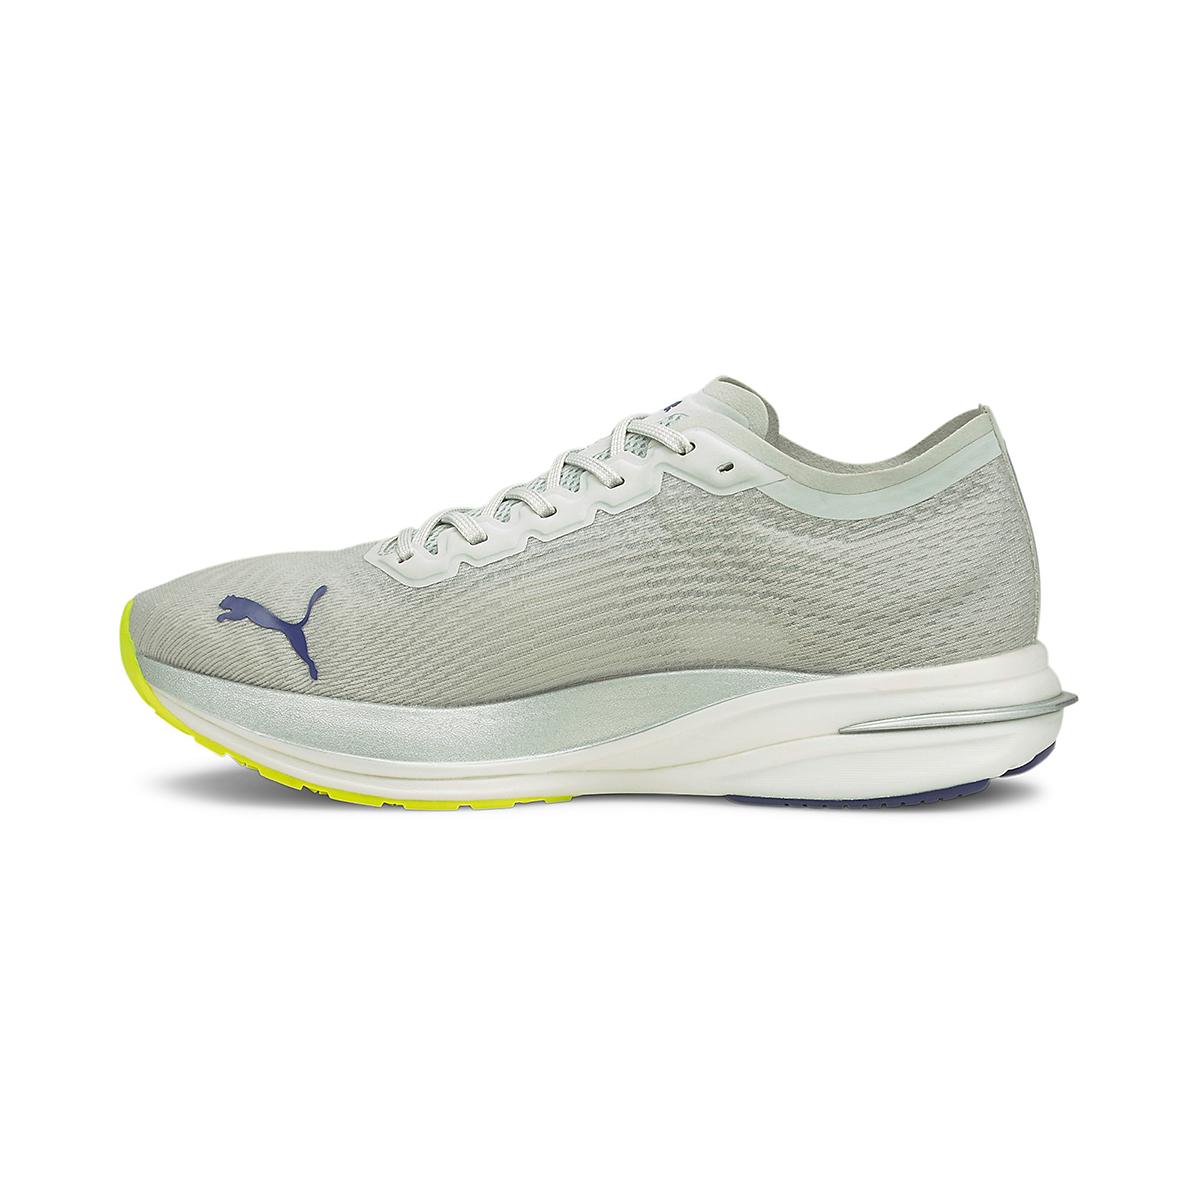 Men's Puma Deviate Nitro Running Shoe - Color: Gray Violet - Size: 7 - Width: Regular, Gray Violet, large, image 2